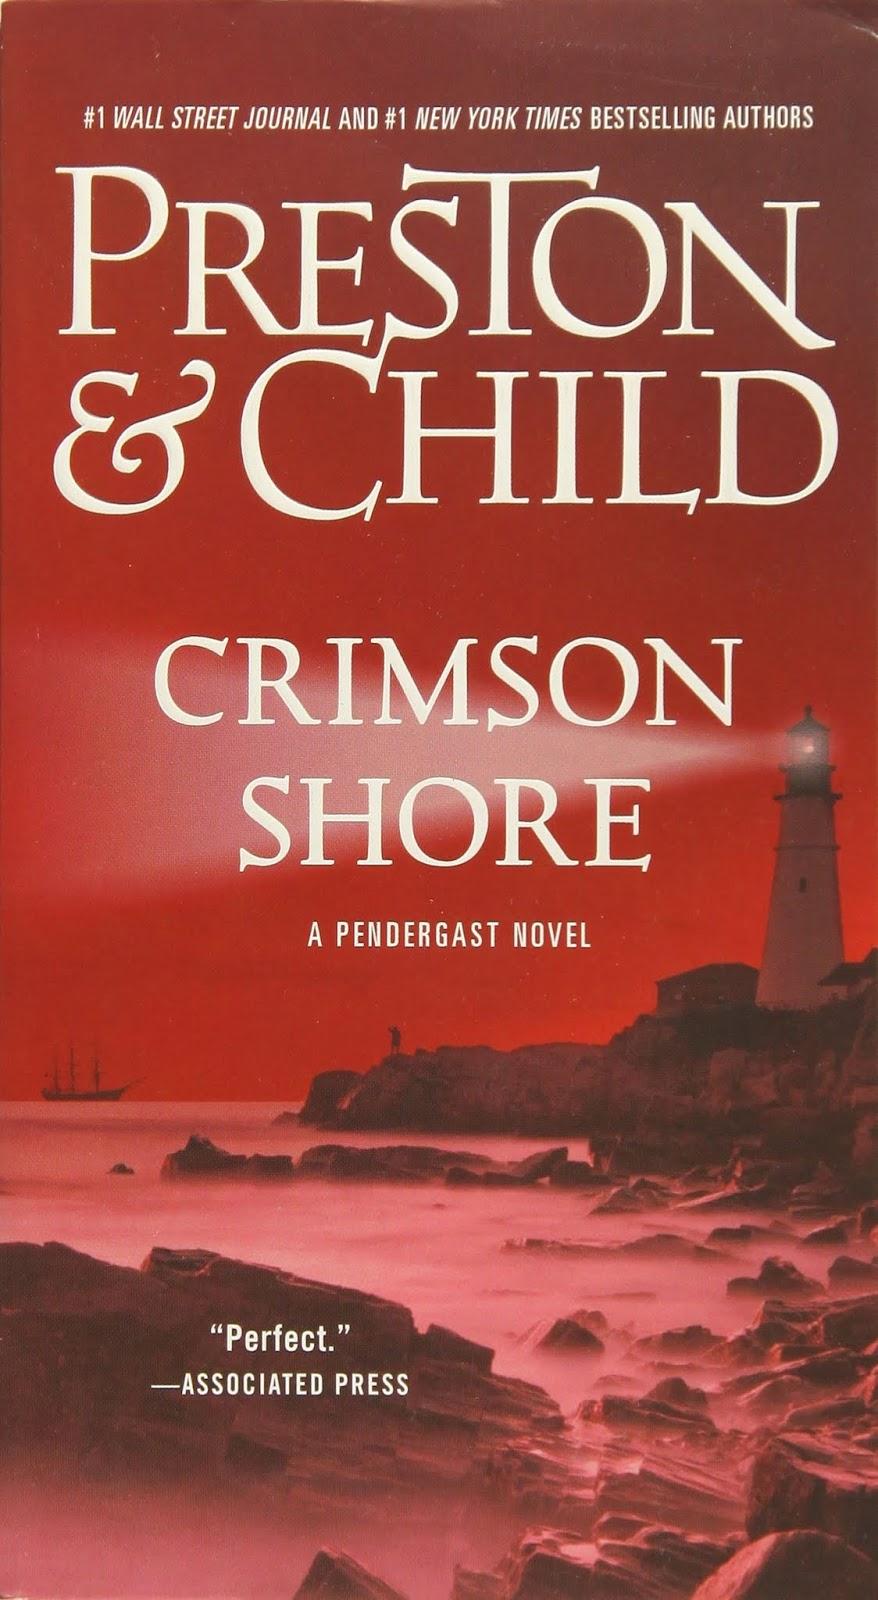 Hamilcar S Books Crimson Shore Douglas Preston Lincoln